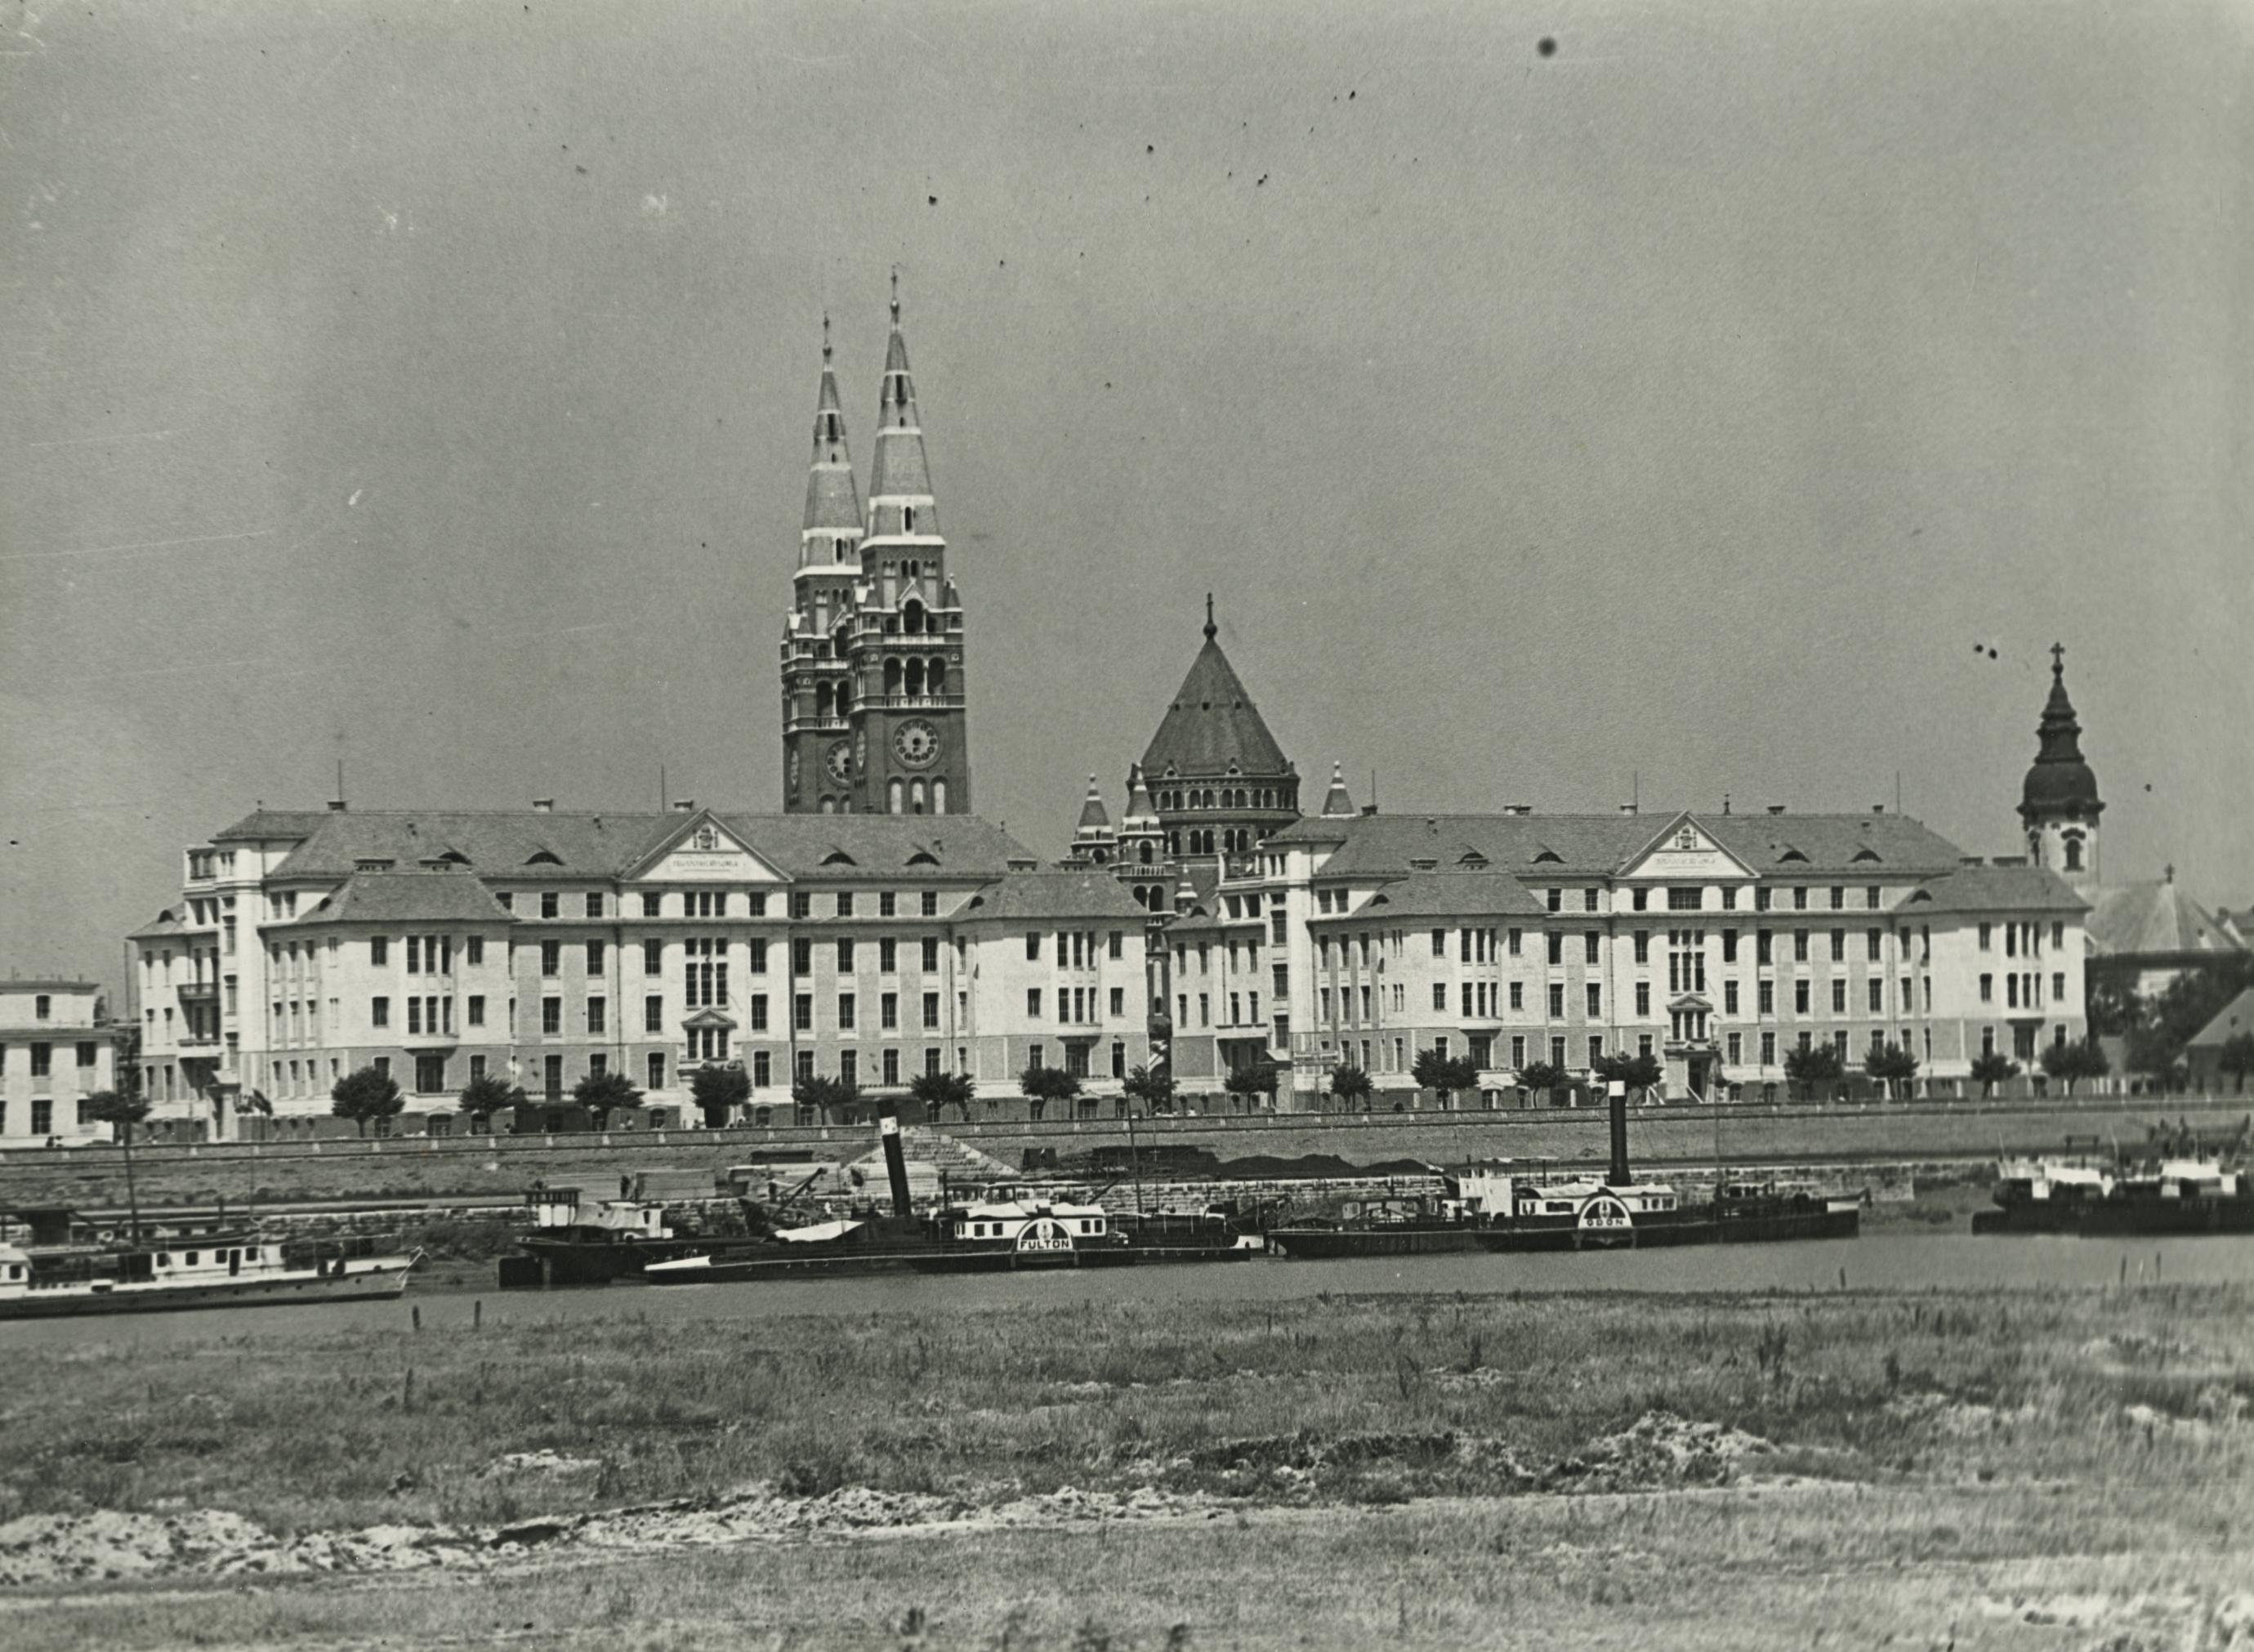 Tiszaparti részlet Szegeden a klinikák épületeivel és a dóm tornyaival